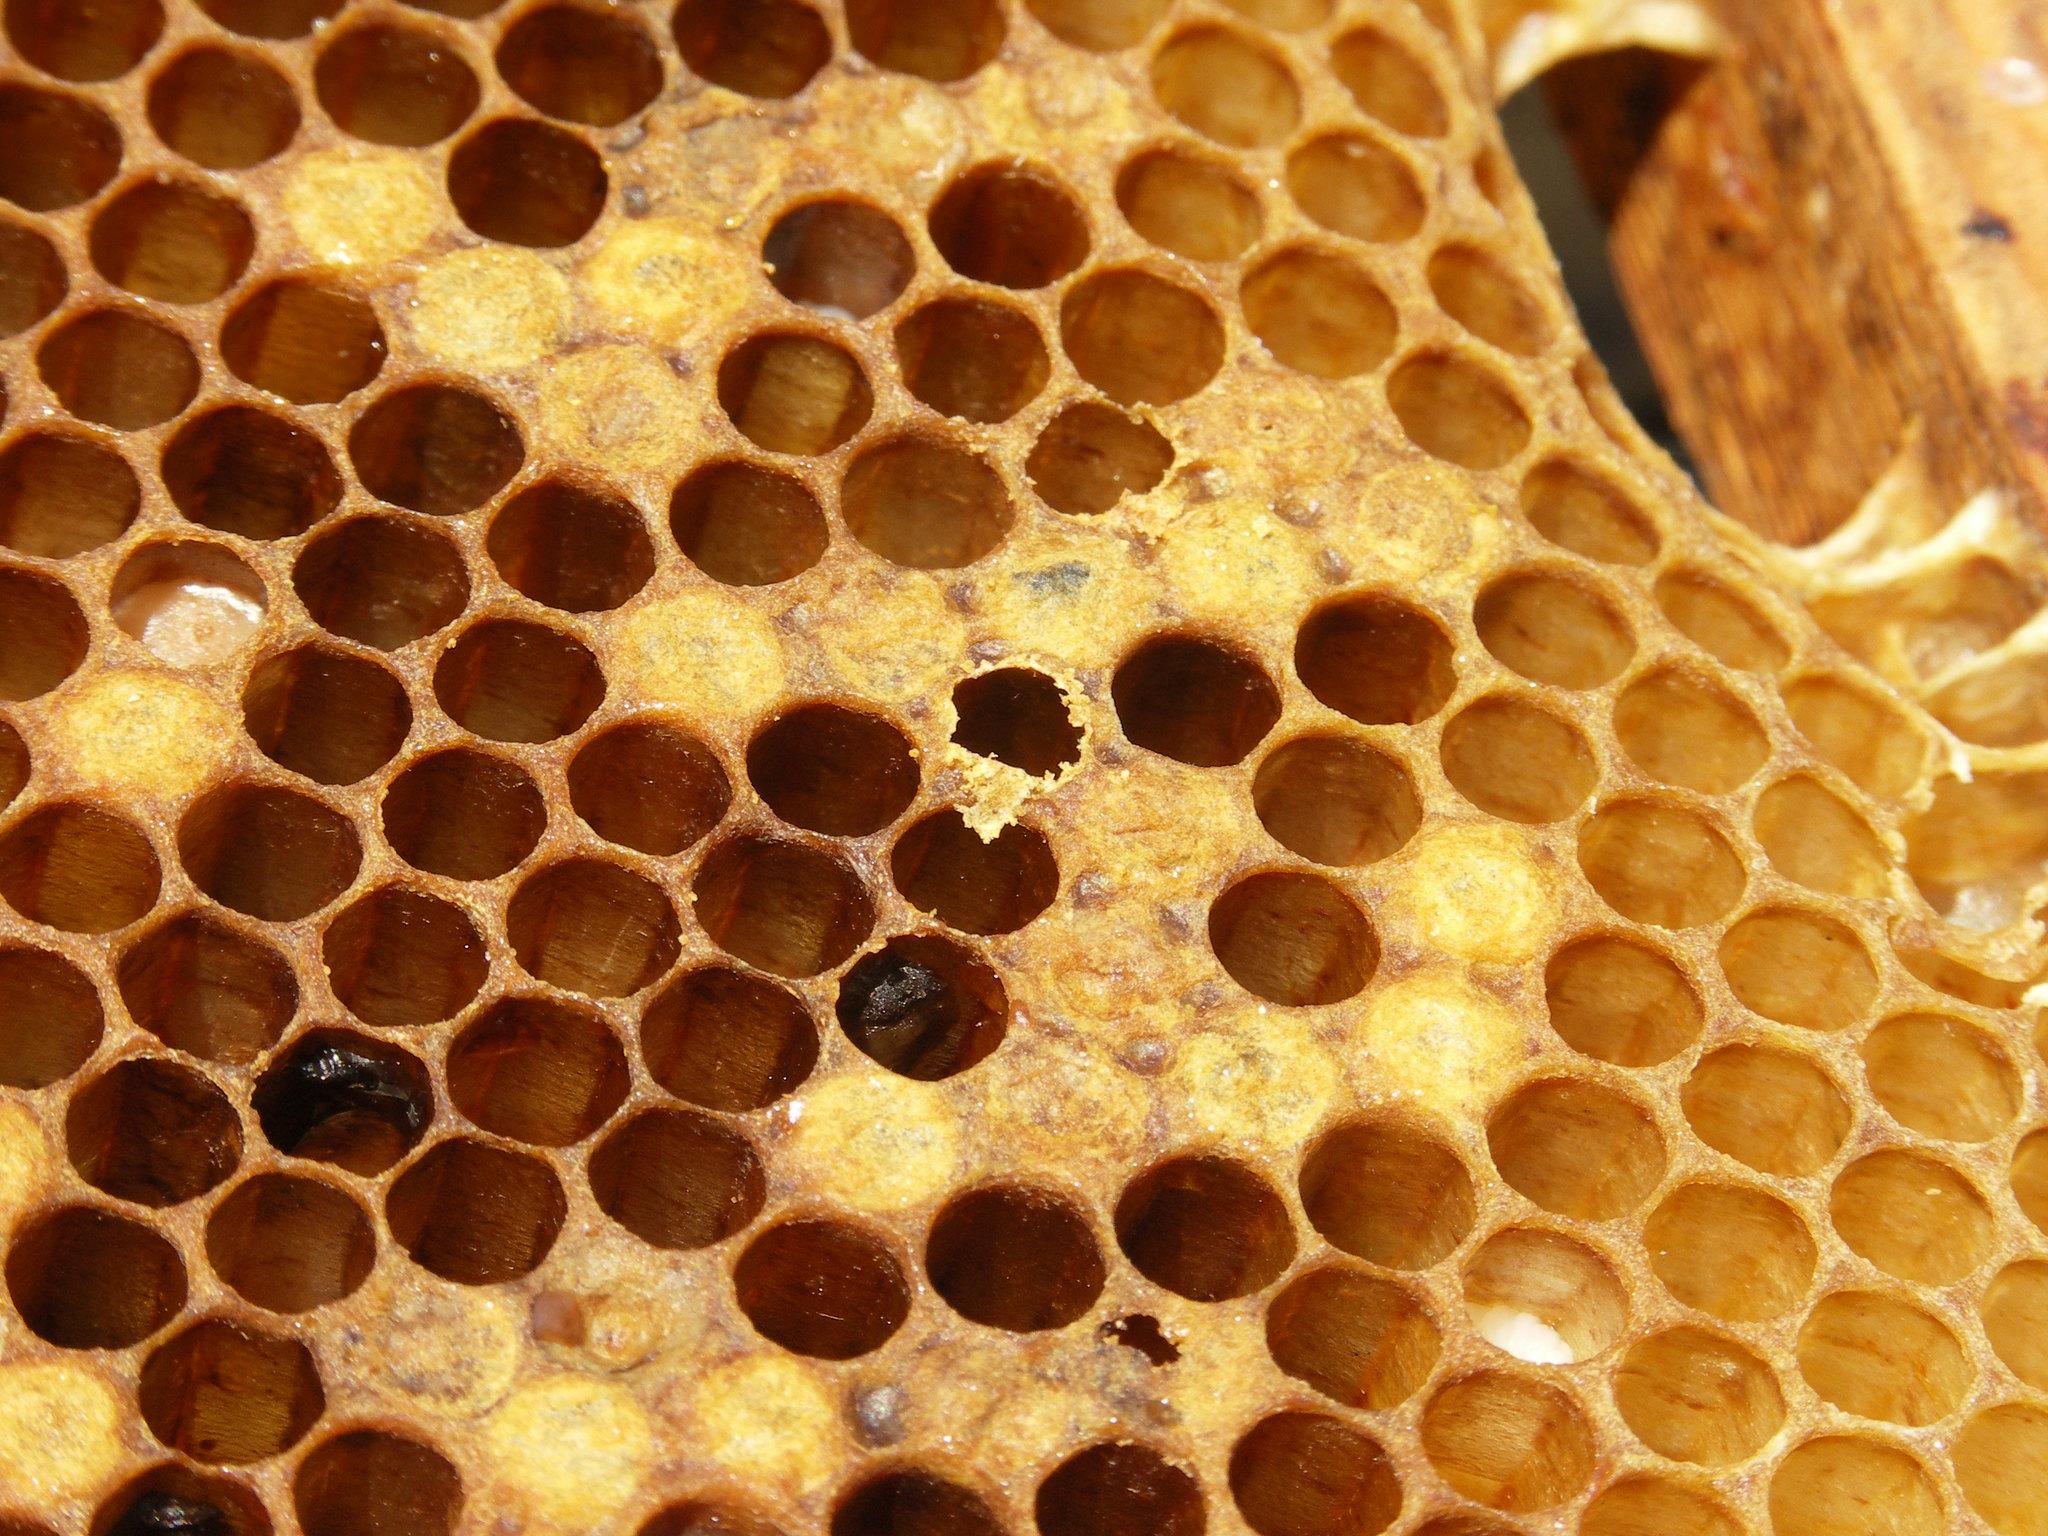 Bee diseases - WUR